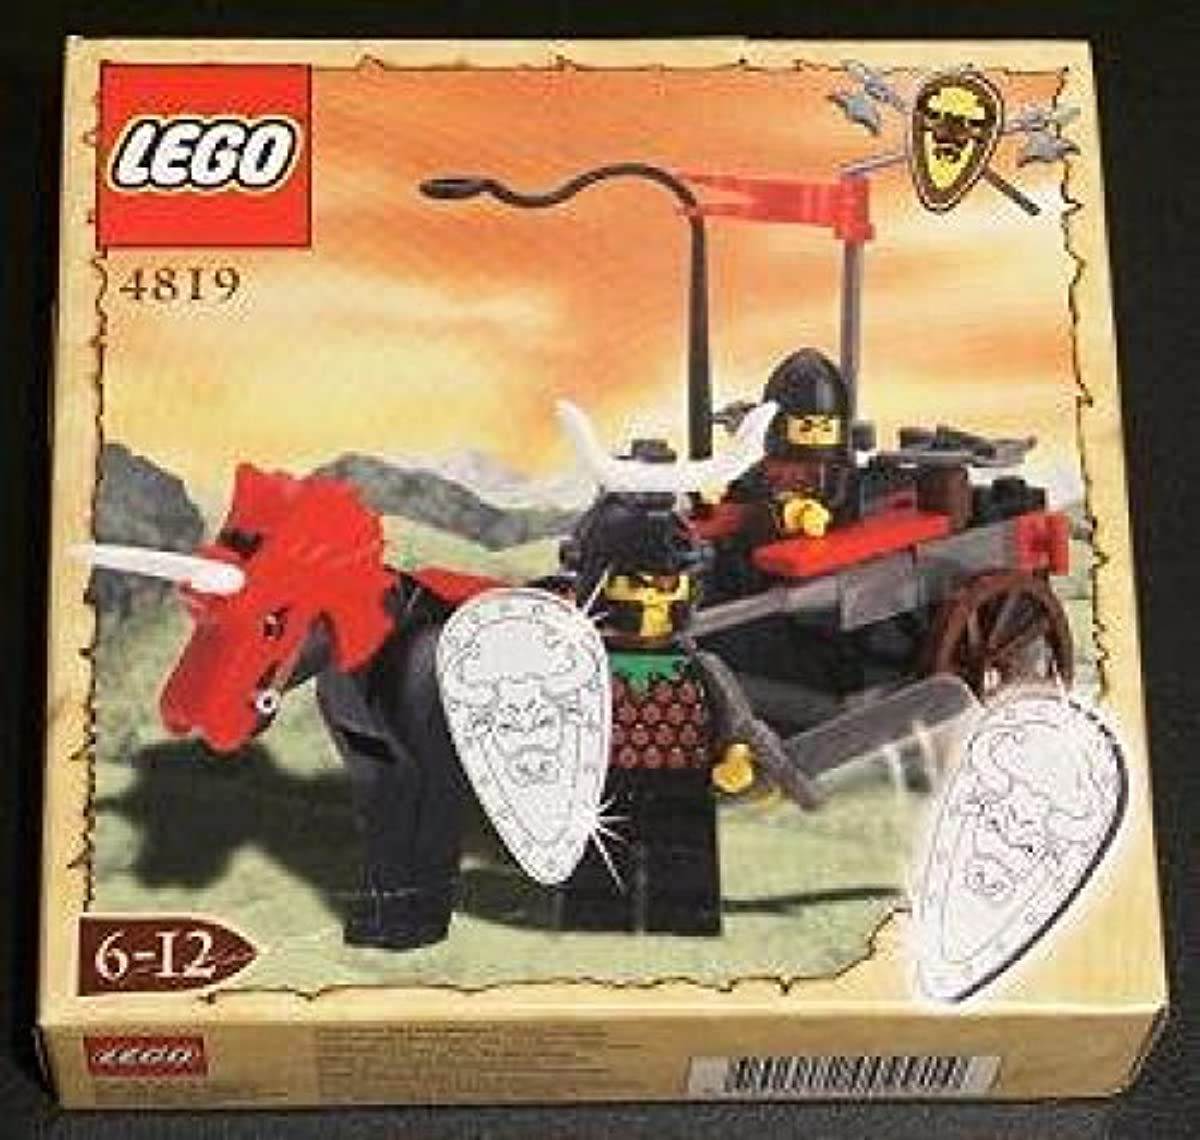 [해외] LEGO KNIGHTS' KINGDOM 4819 REBEL CHARIOT